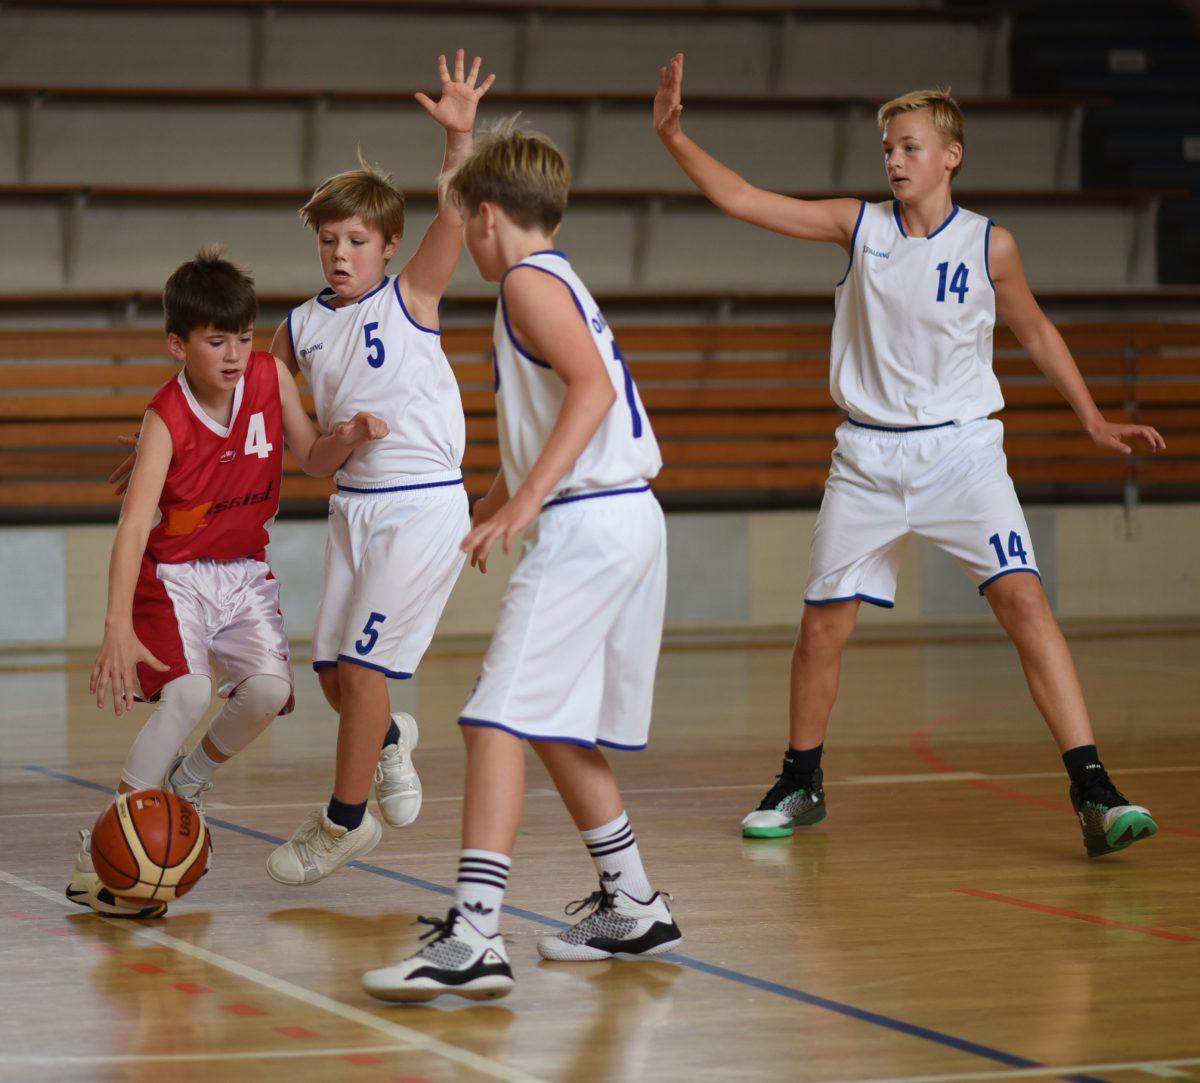 72:29 – U14 nach klarem Sieg im Spitzenspiel weiter ungeschlagen